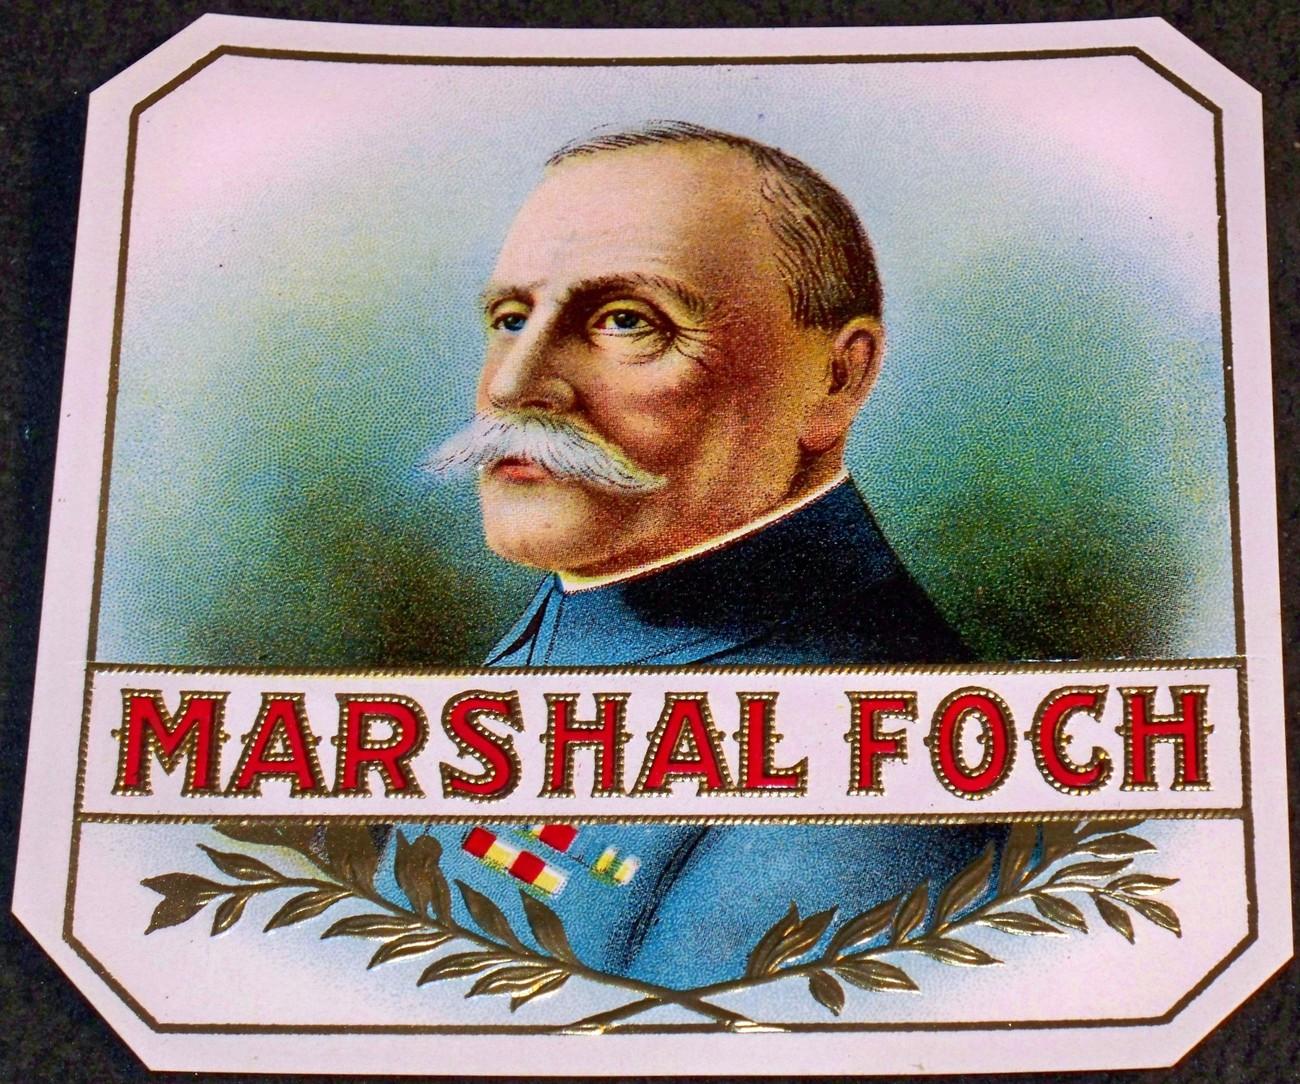 Marshal foch cigar label 001